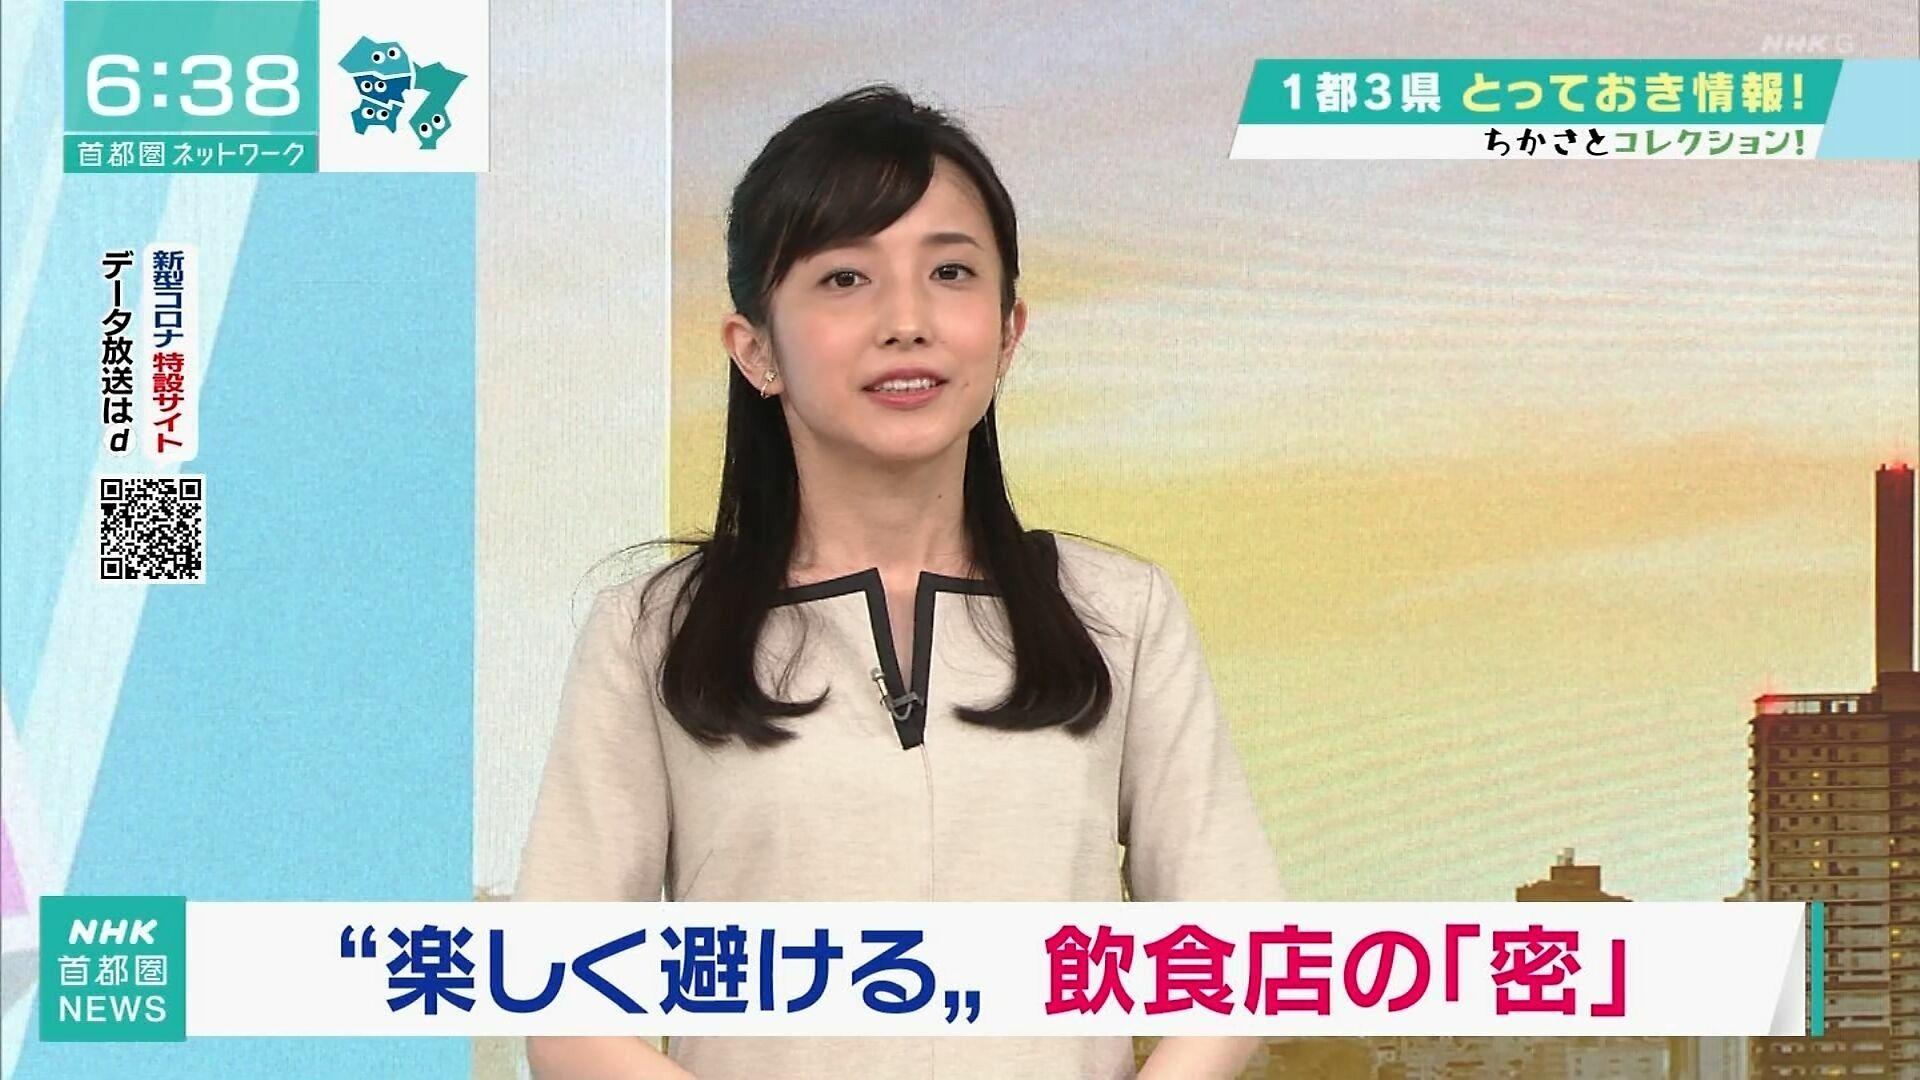 理沙 林田 NHK林田理沙アナは結婚してる?身長・体重等プロフィールも